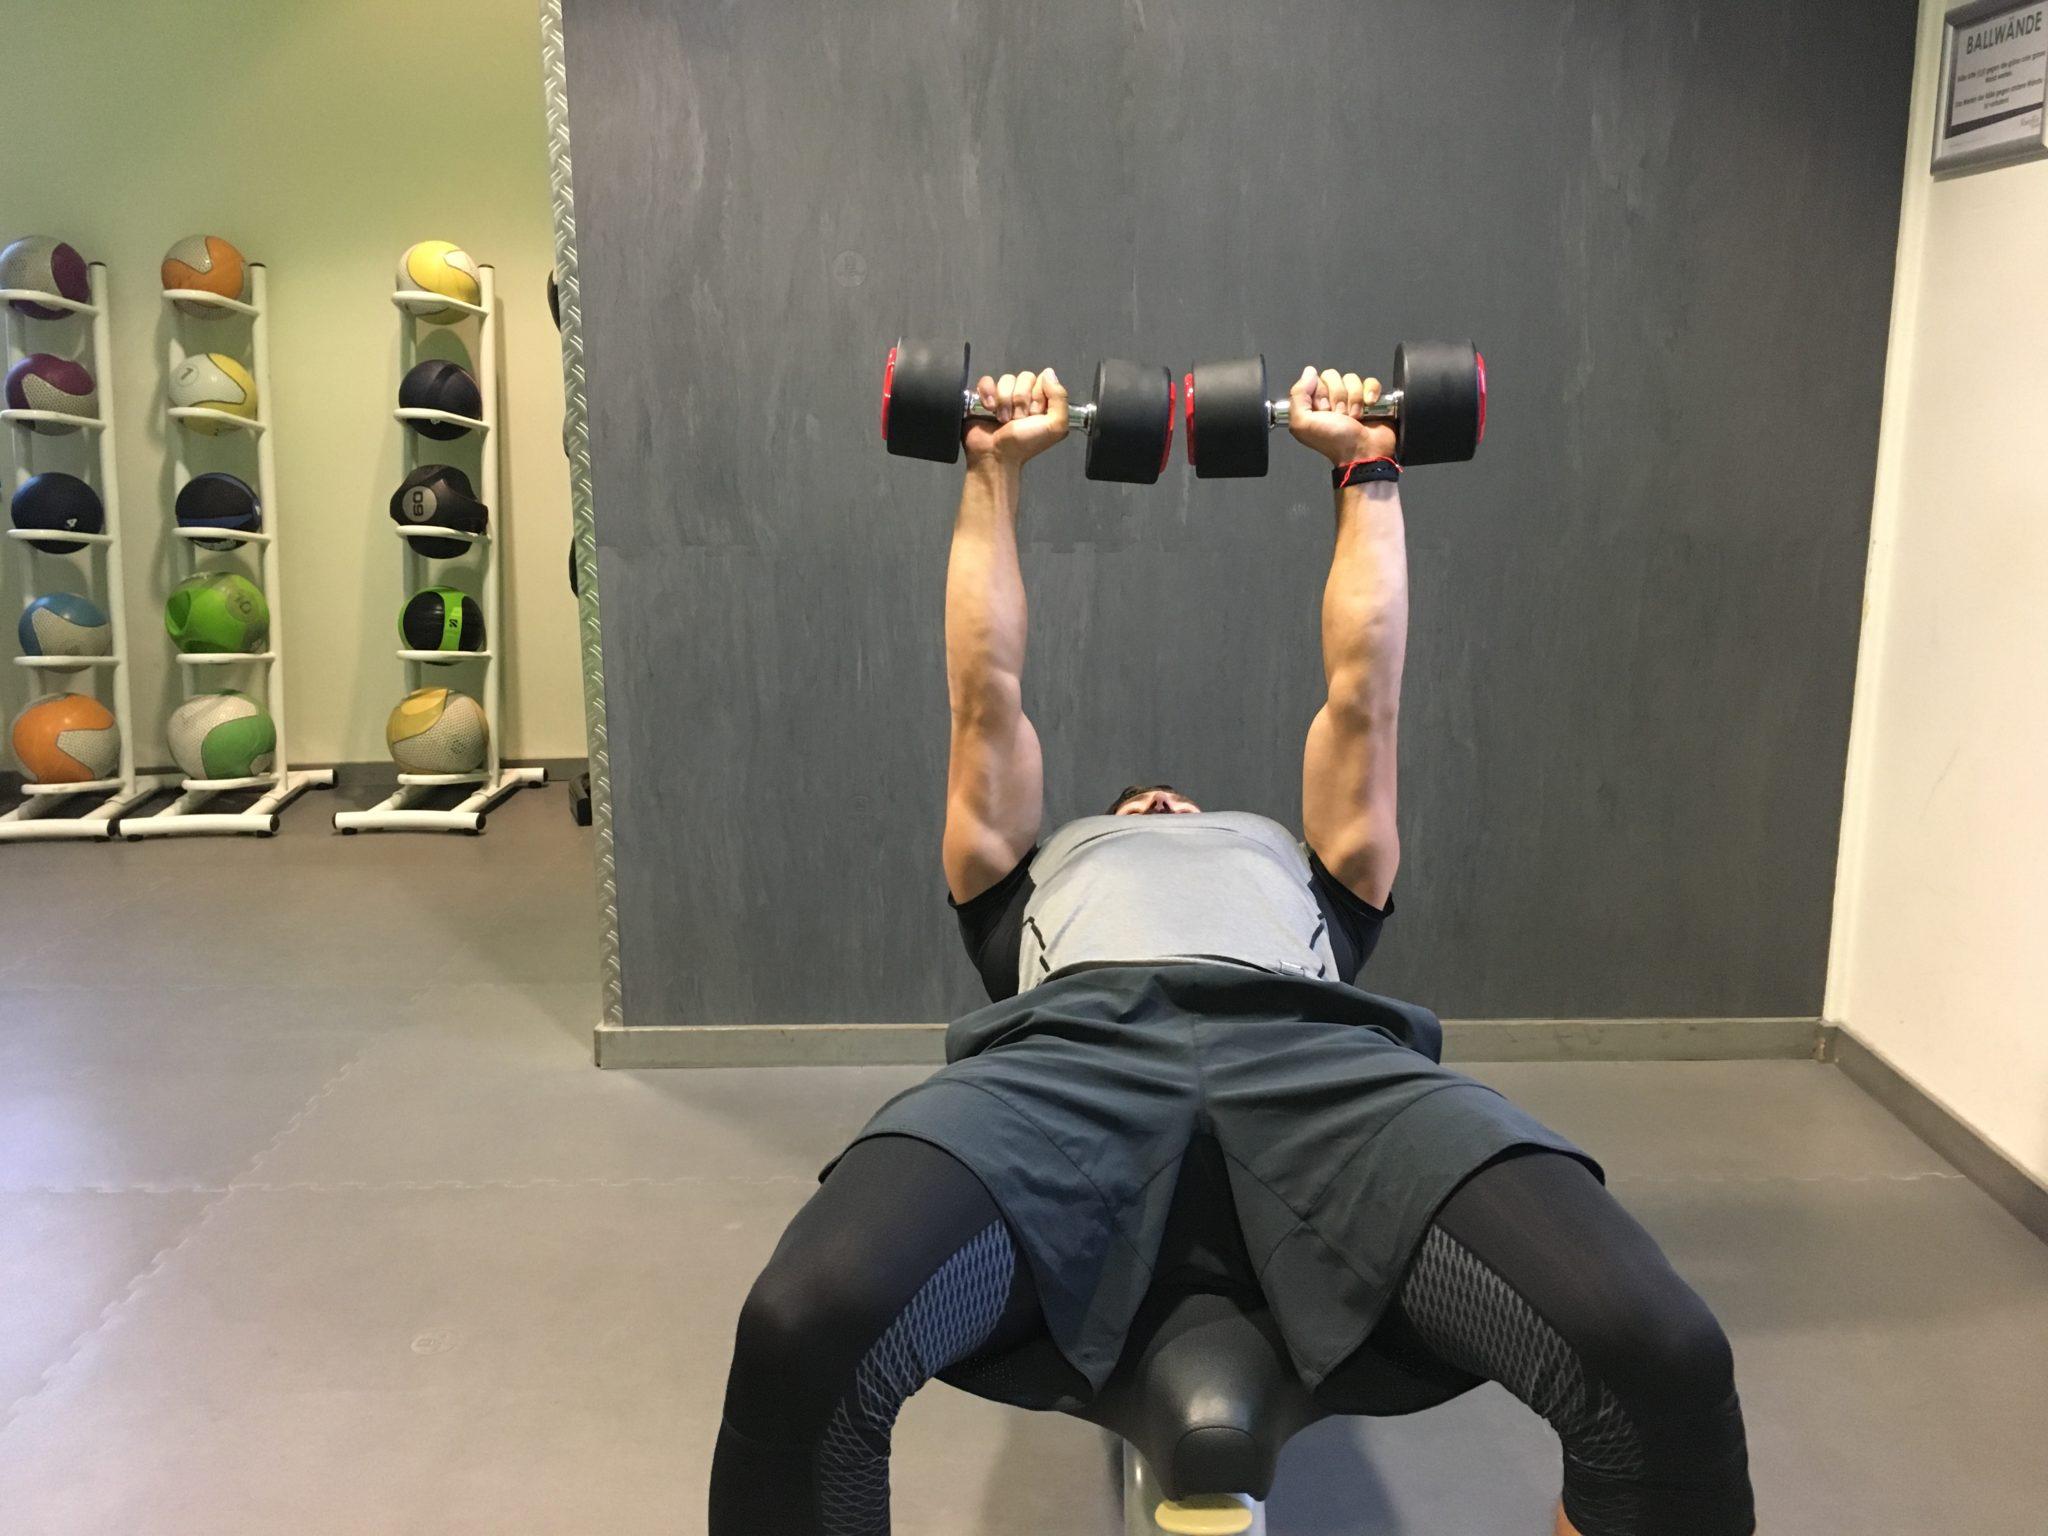 ᐅ Untere Brust Training - Die besten Übungen für Dein Brust Workout!